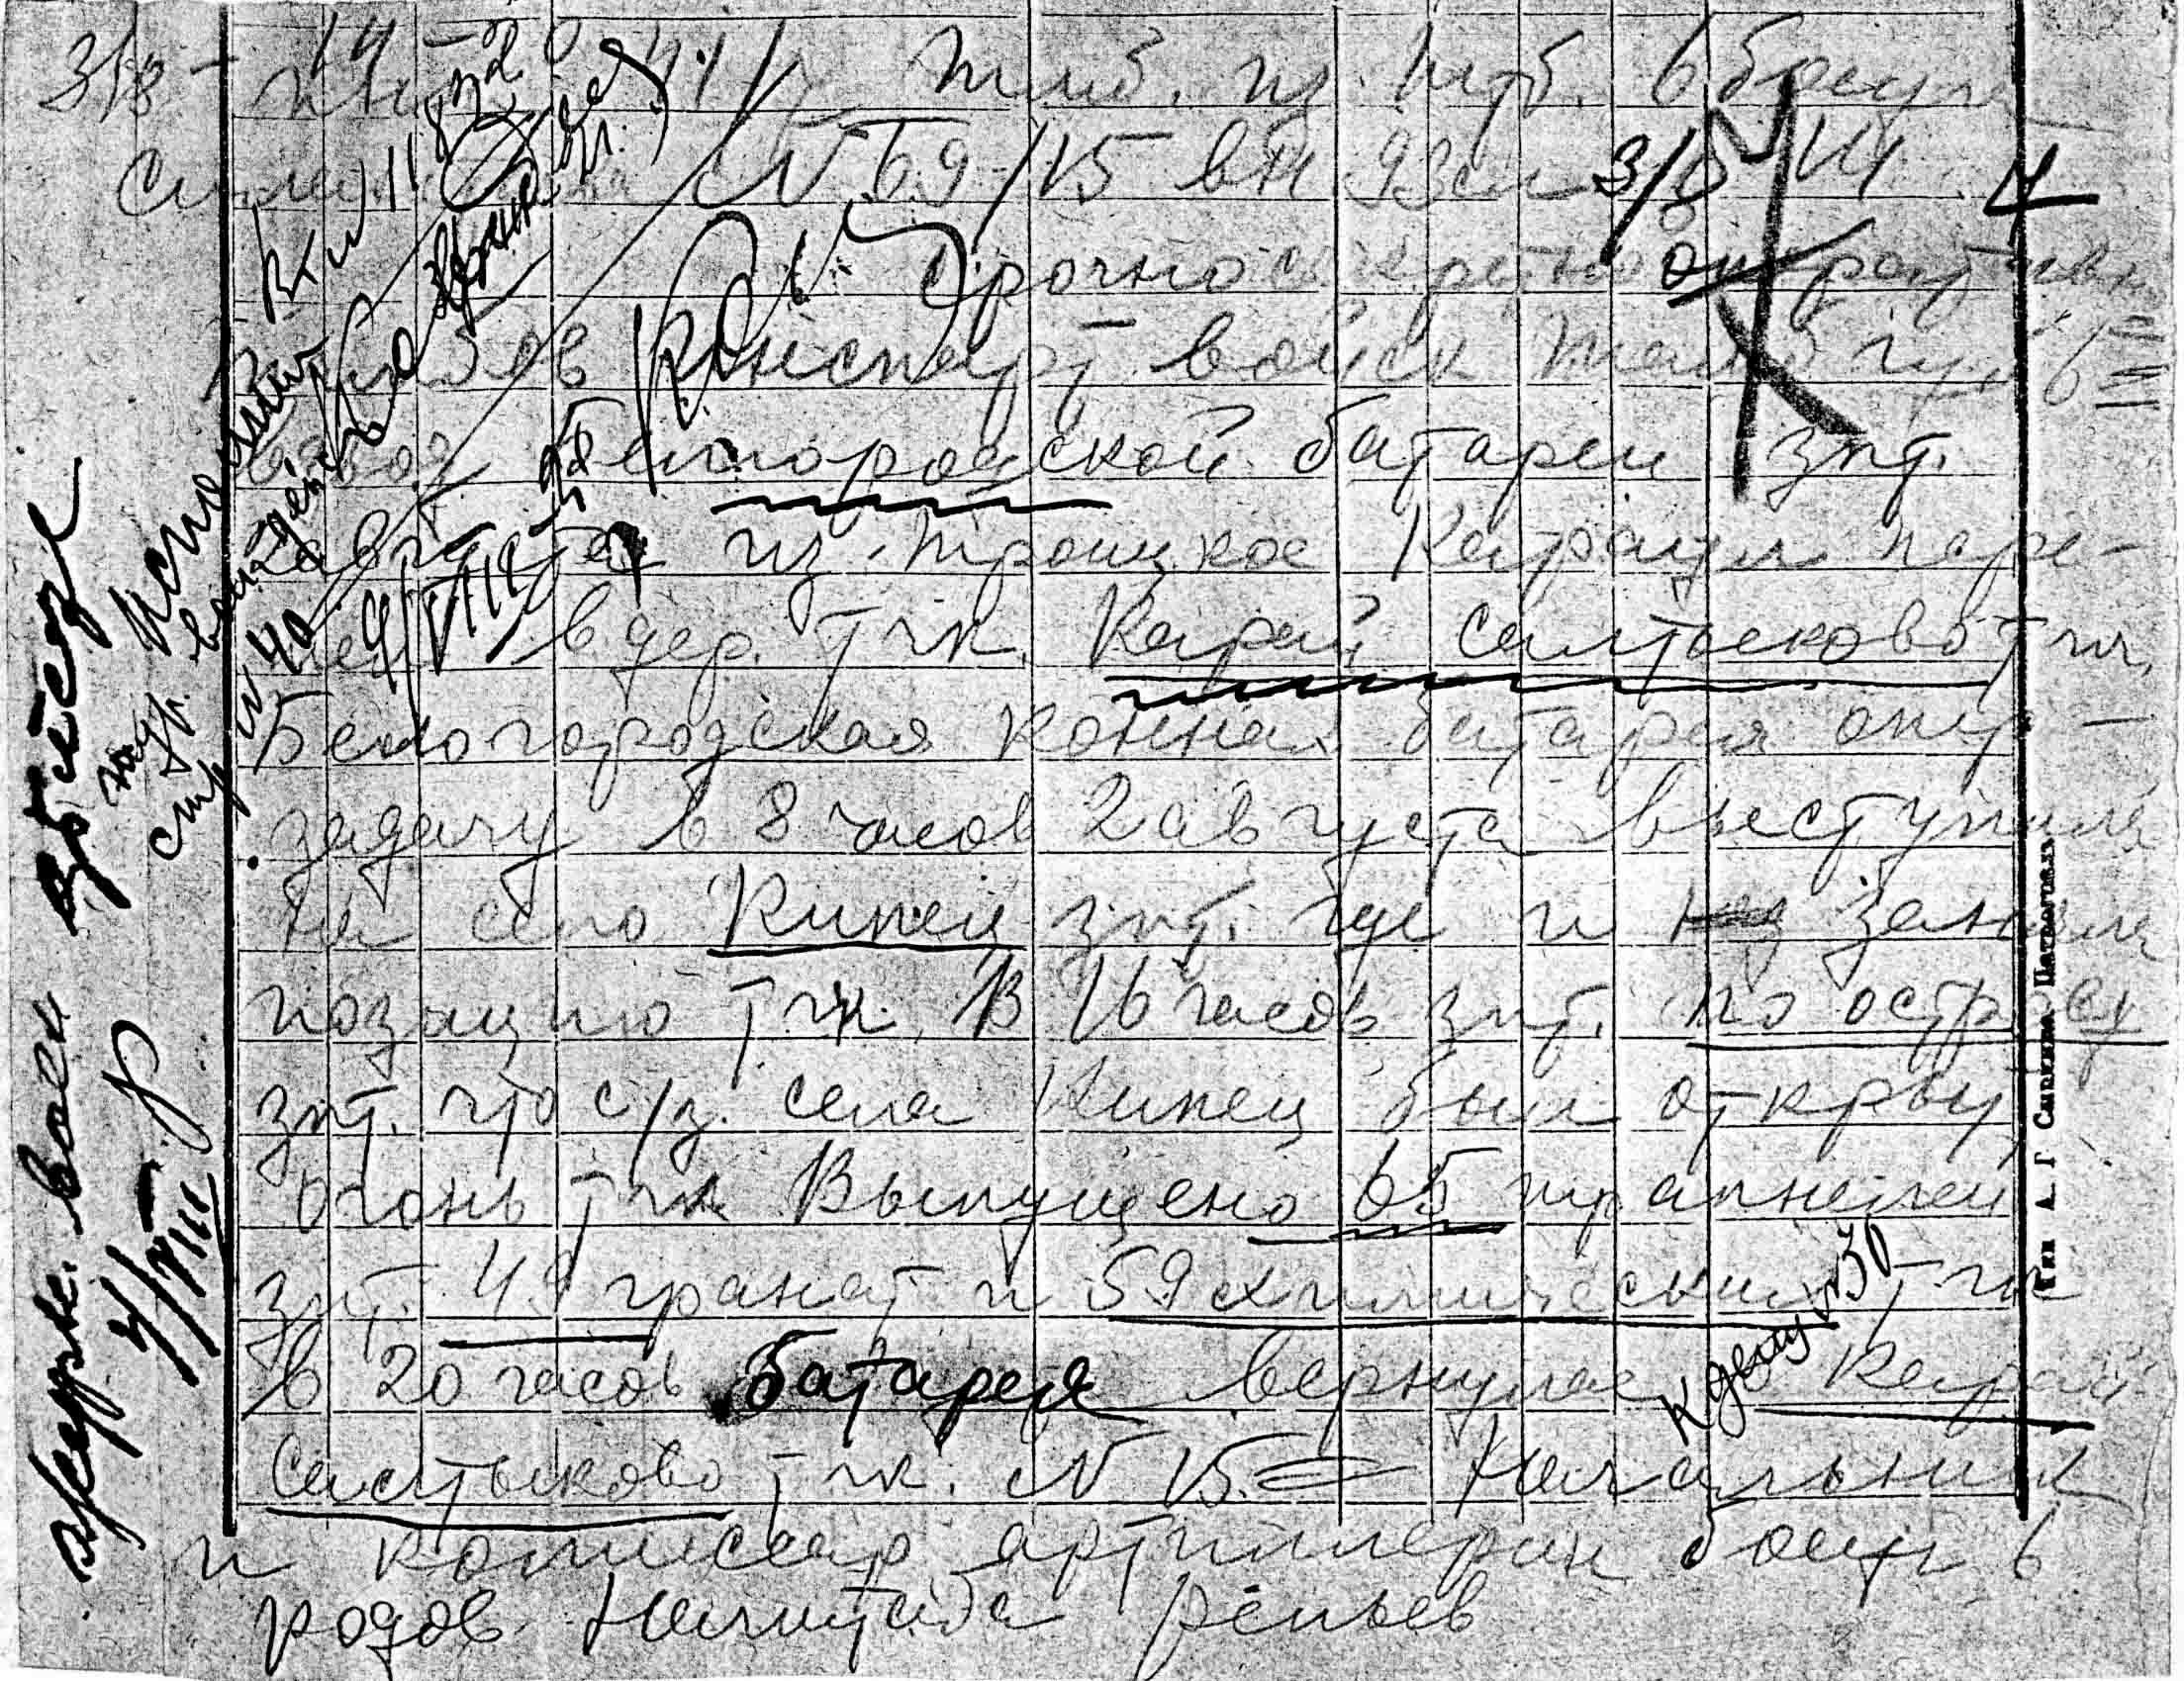 Рис.5. Донесение Начарта-6 Радова об обстреле острова сев.-зап. С. Кипец от 2 августа 1921 г.